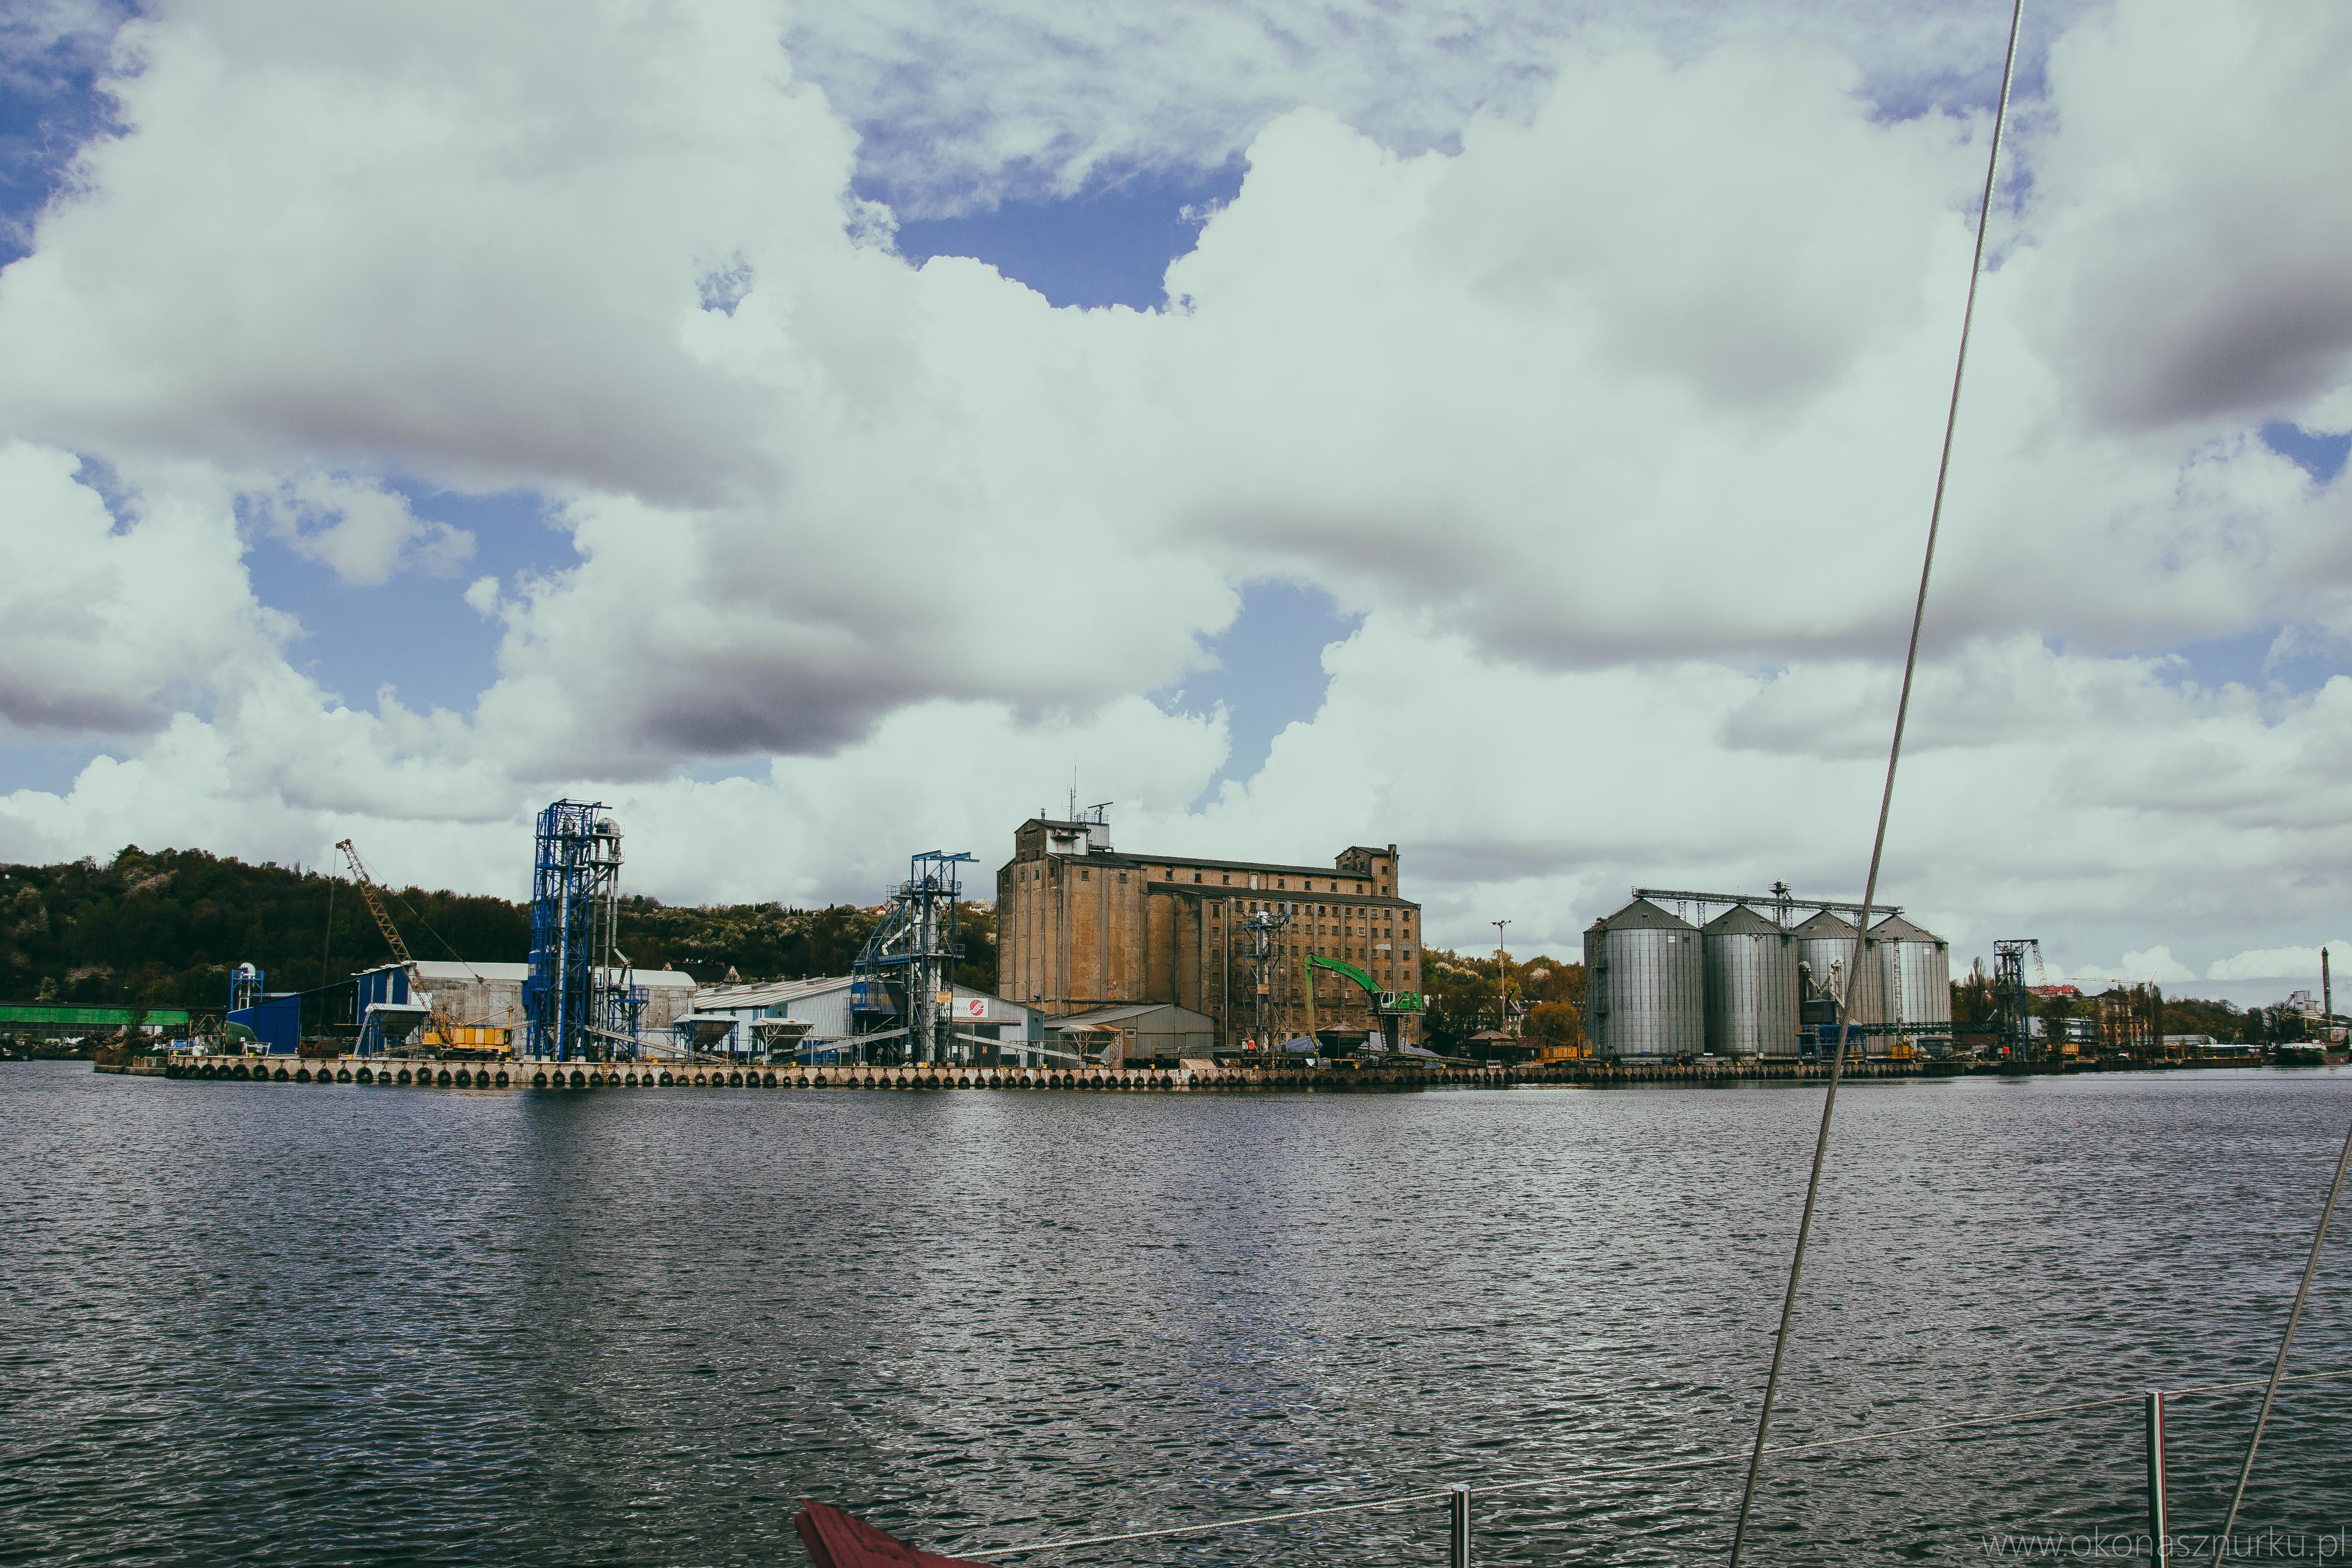 marina-jacht-wyprawy-morskie-silesia-szczecin-goclaw-lubczyna (17)